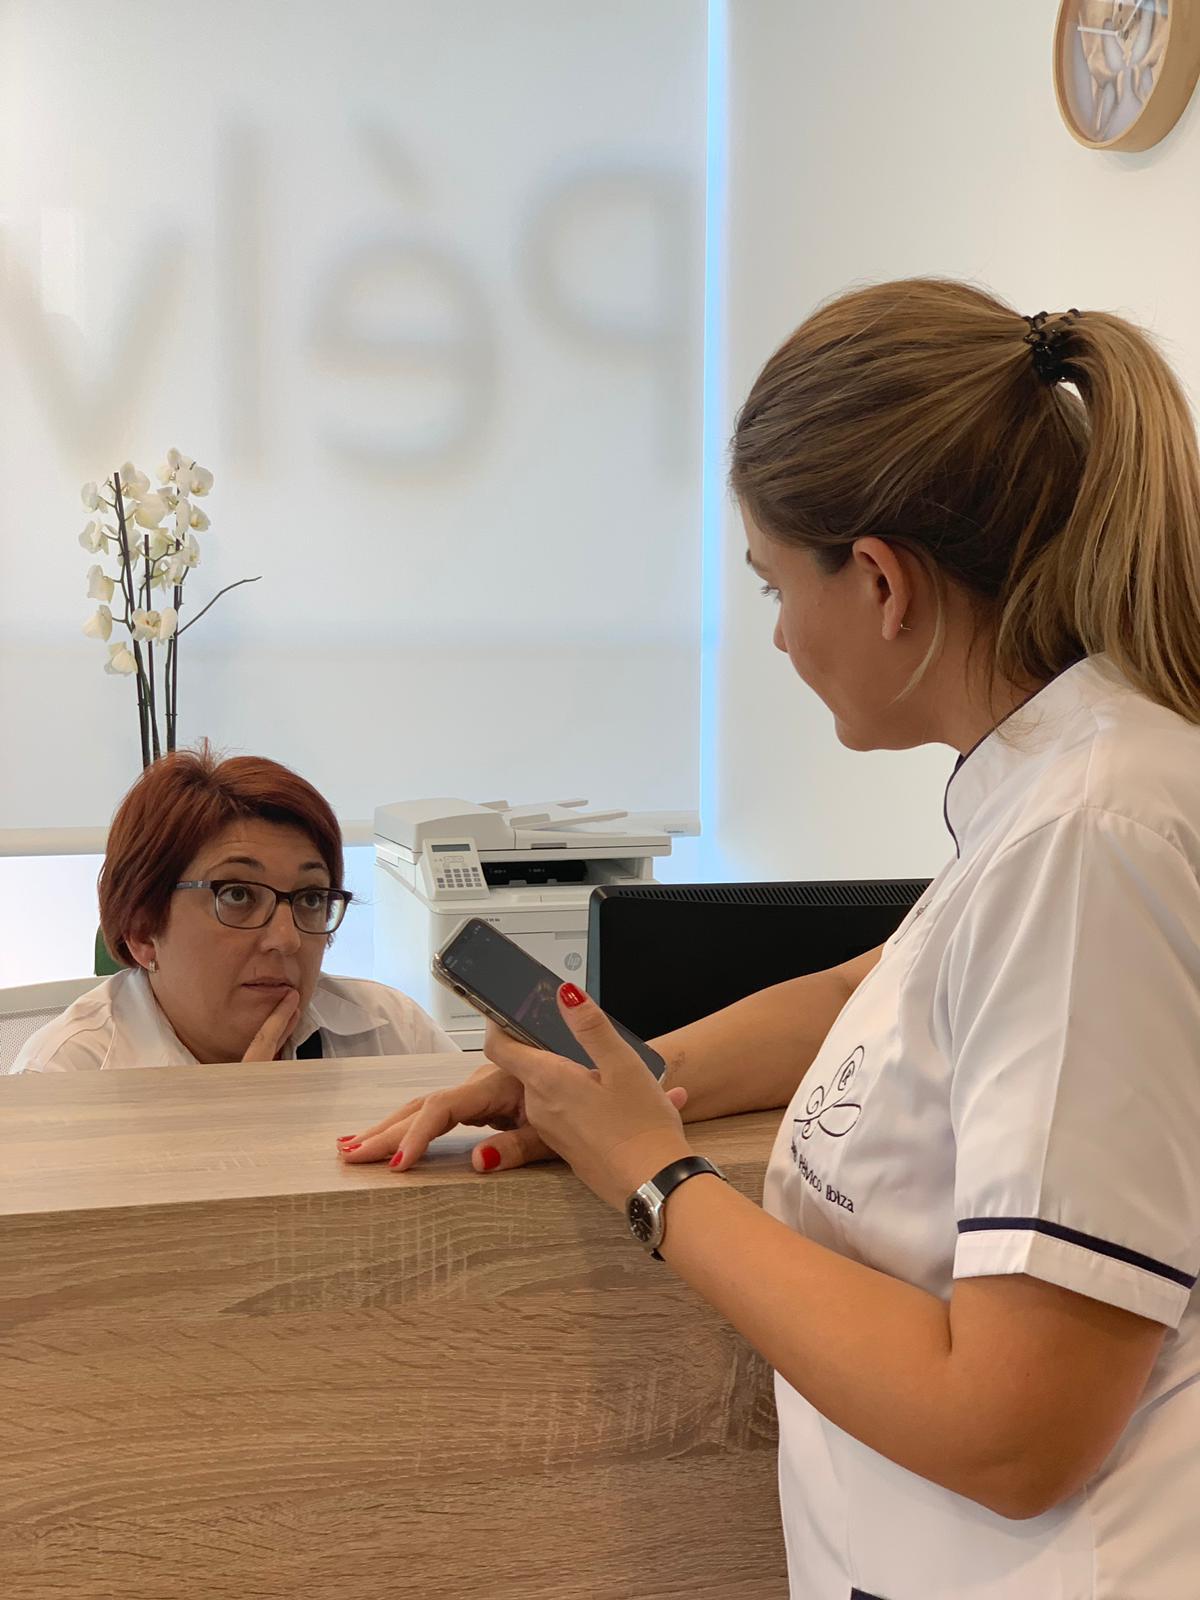 Grupo Policlínica presenta: el primer y único centro de Rehabilitación de Suelo Pélvico de Ibiza 3